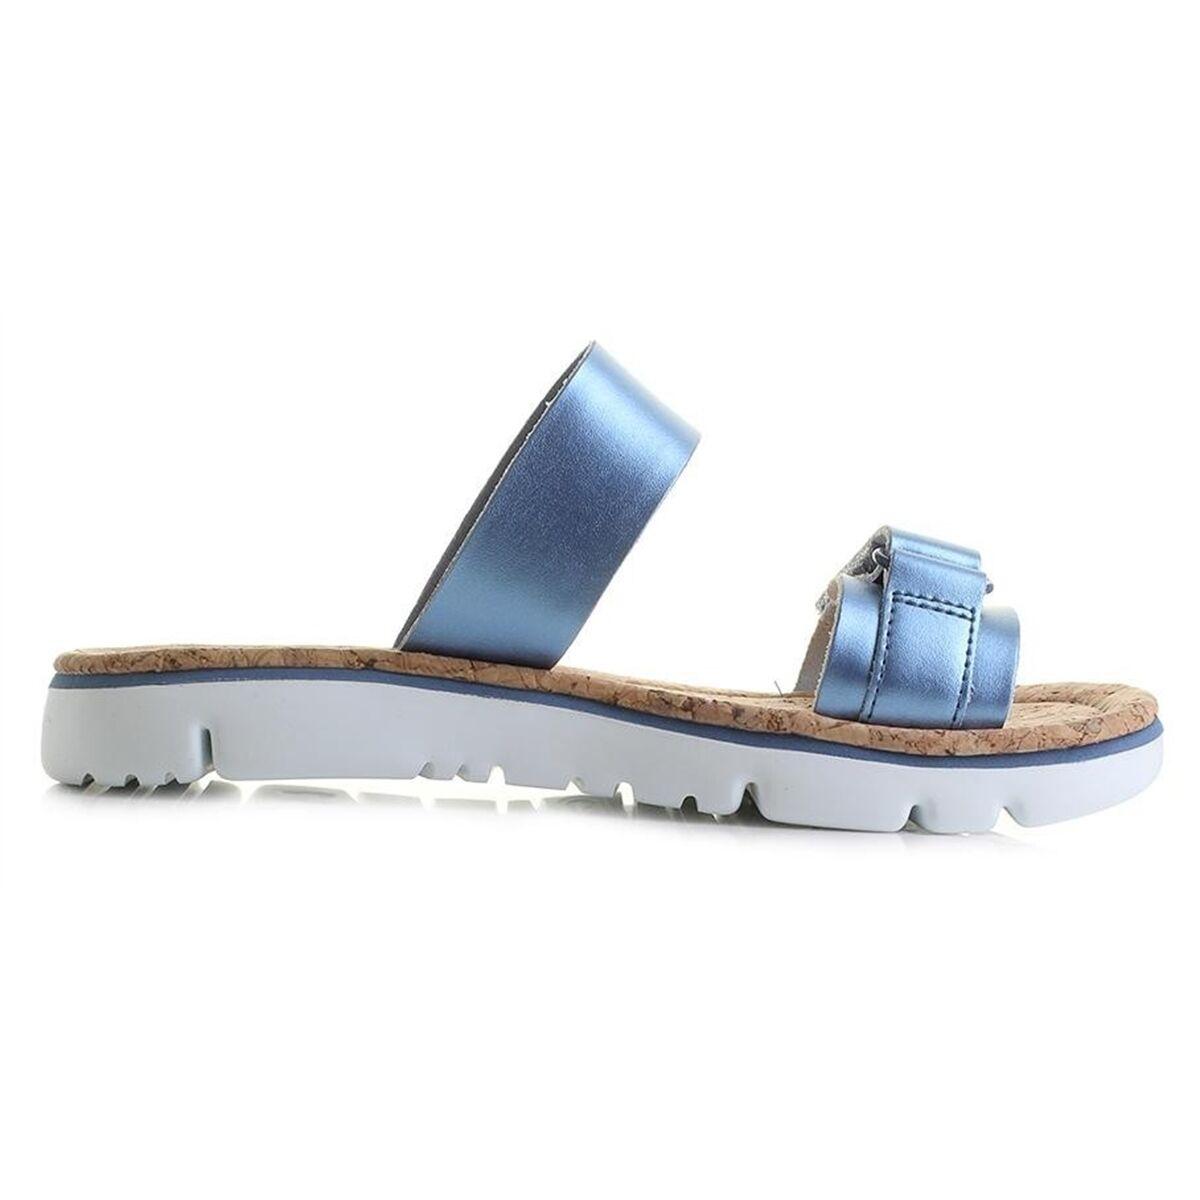 Womens Sandals Camper Oruga Black Leather Slides Slides Slides NEW 4ee239